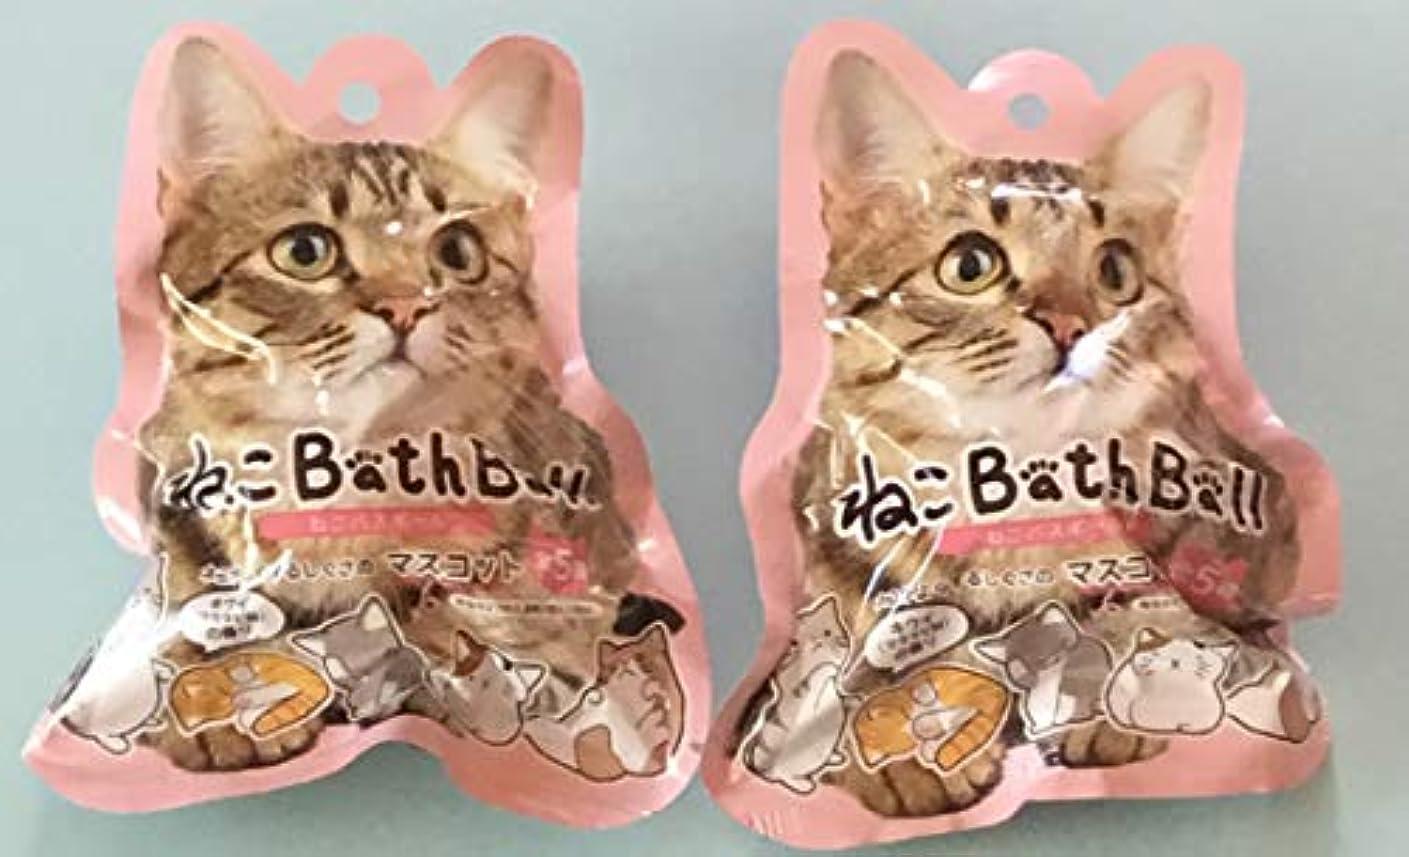 トン保持する違法入浴剤 猫 ねこ ネコ フィギュア入り バスボール 2個セット キウイ 発泡タイプ